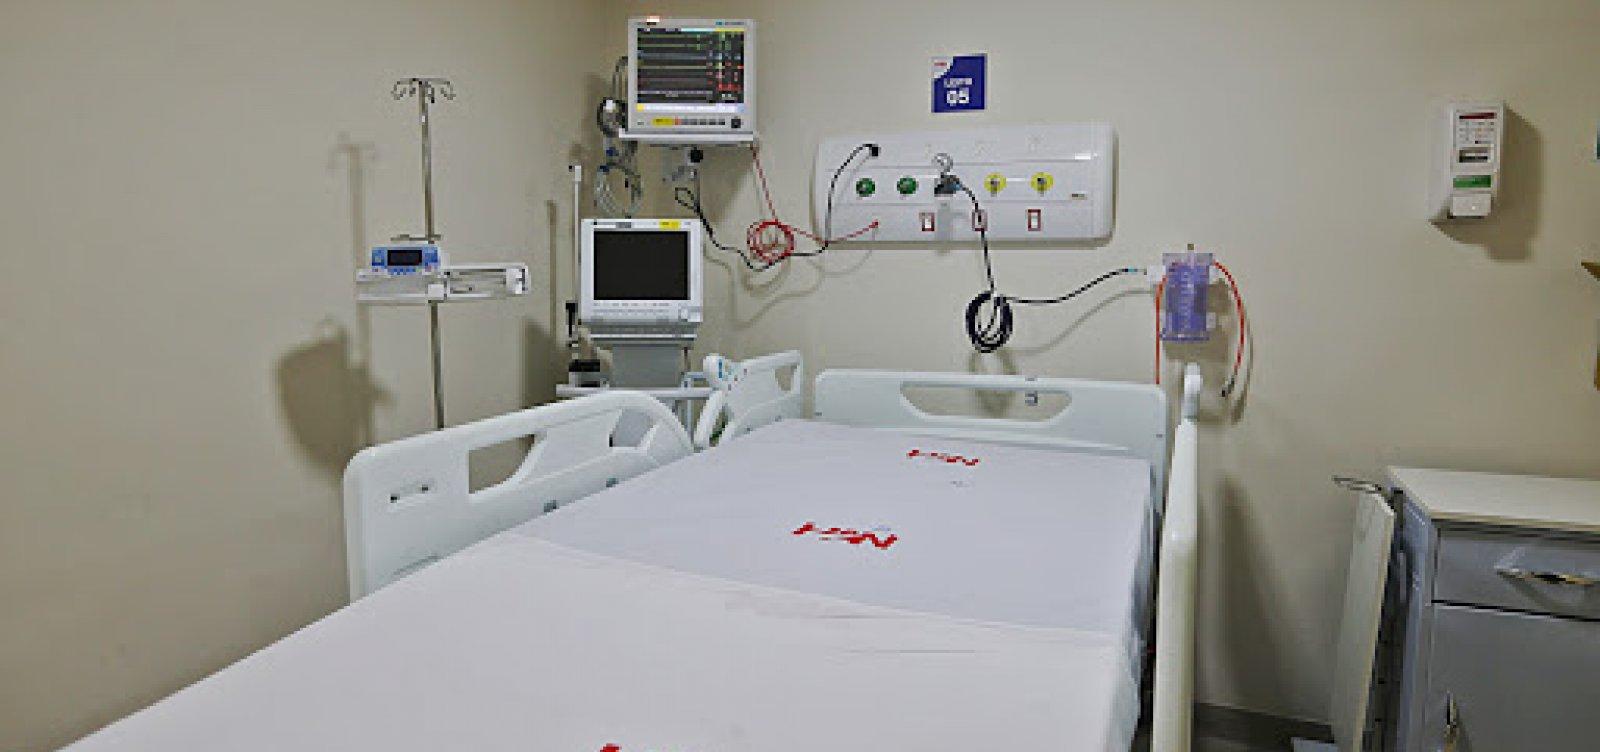 Bahia registra 176 casos de coronavírus; criança de 1 ano é infectada em Feira de Santana